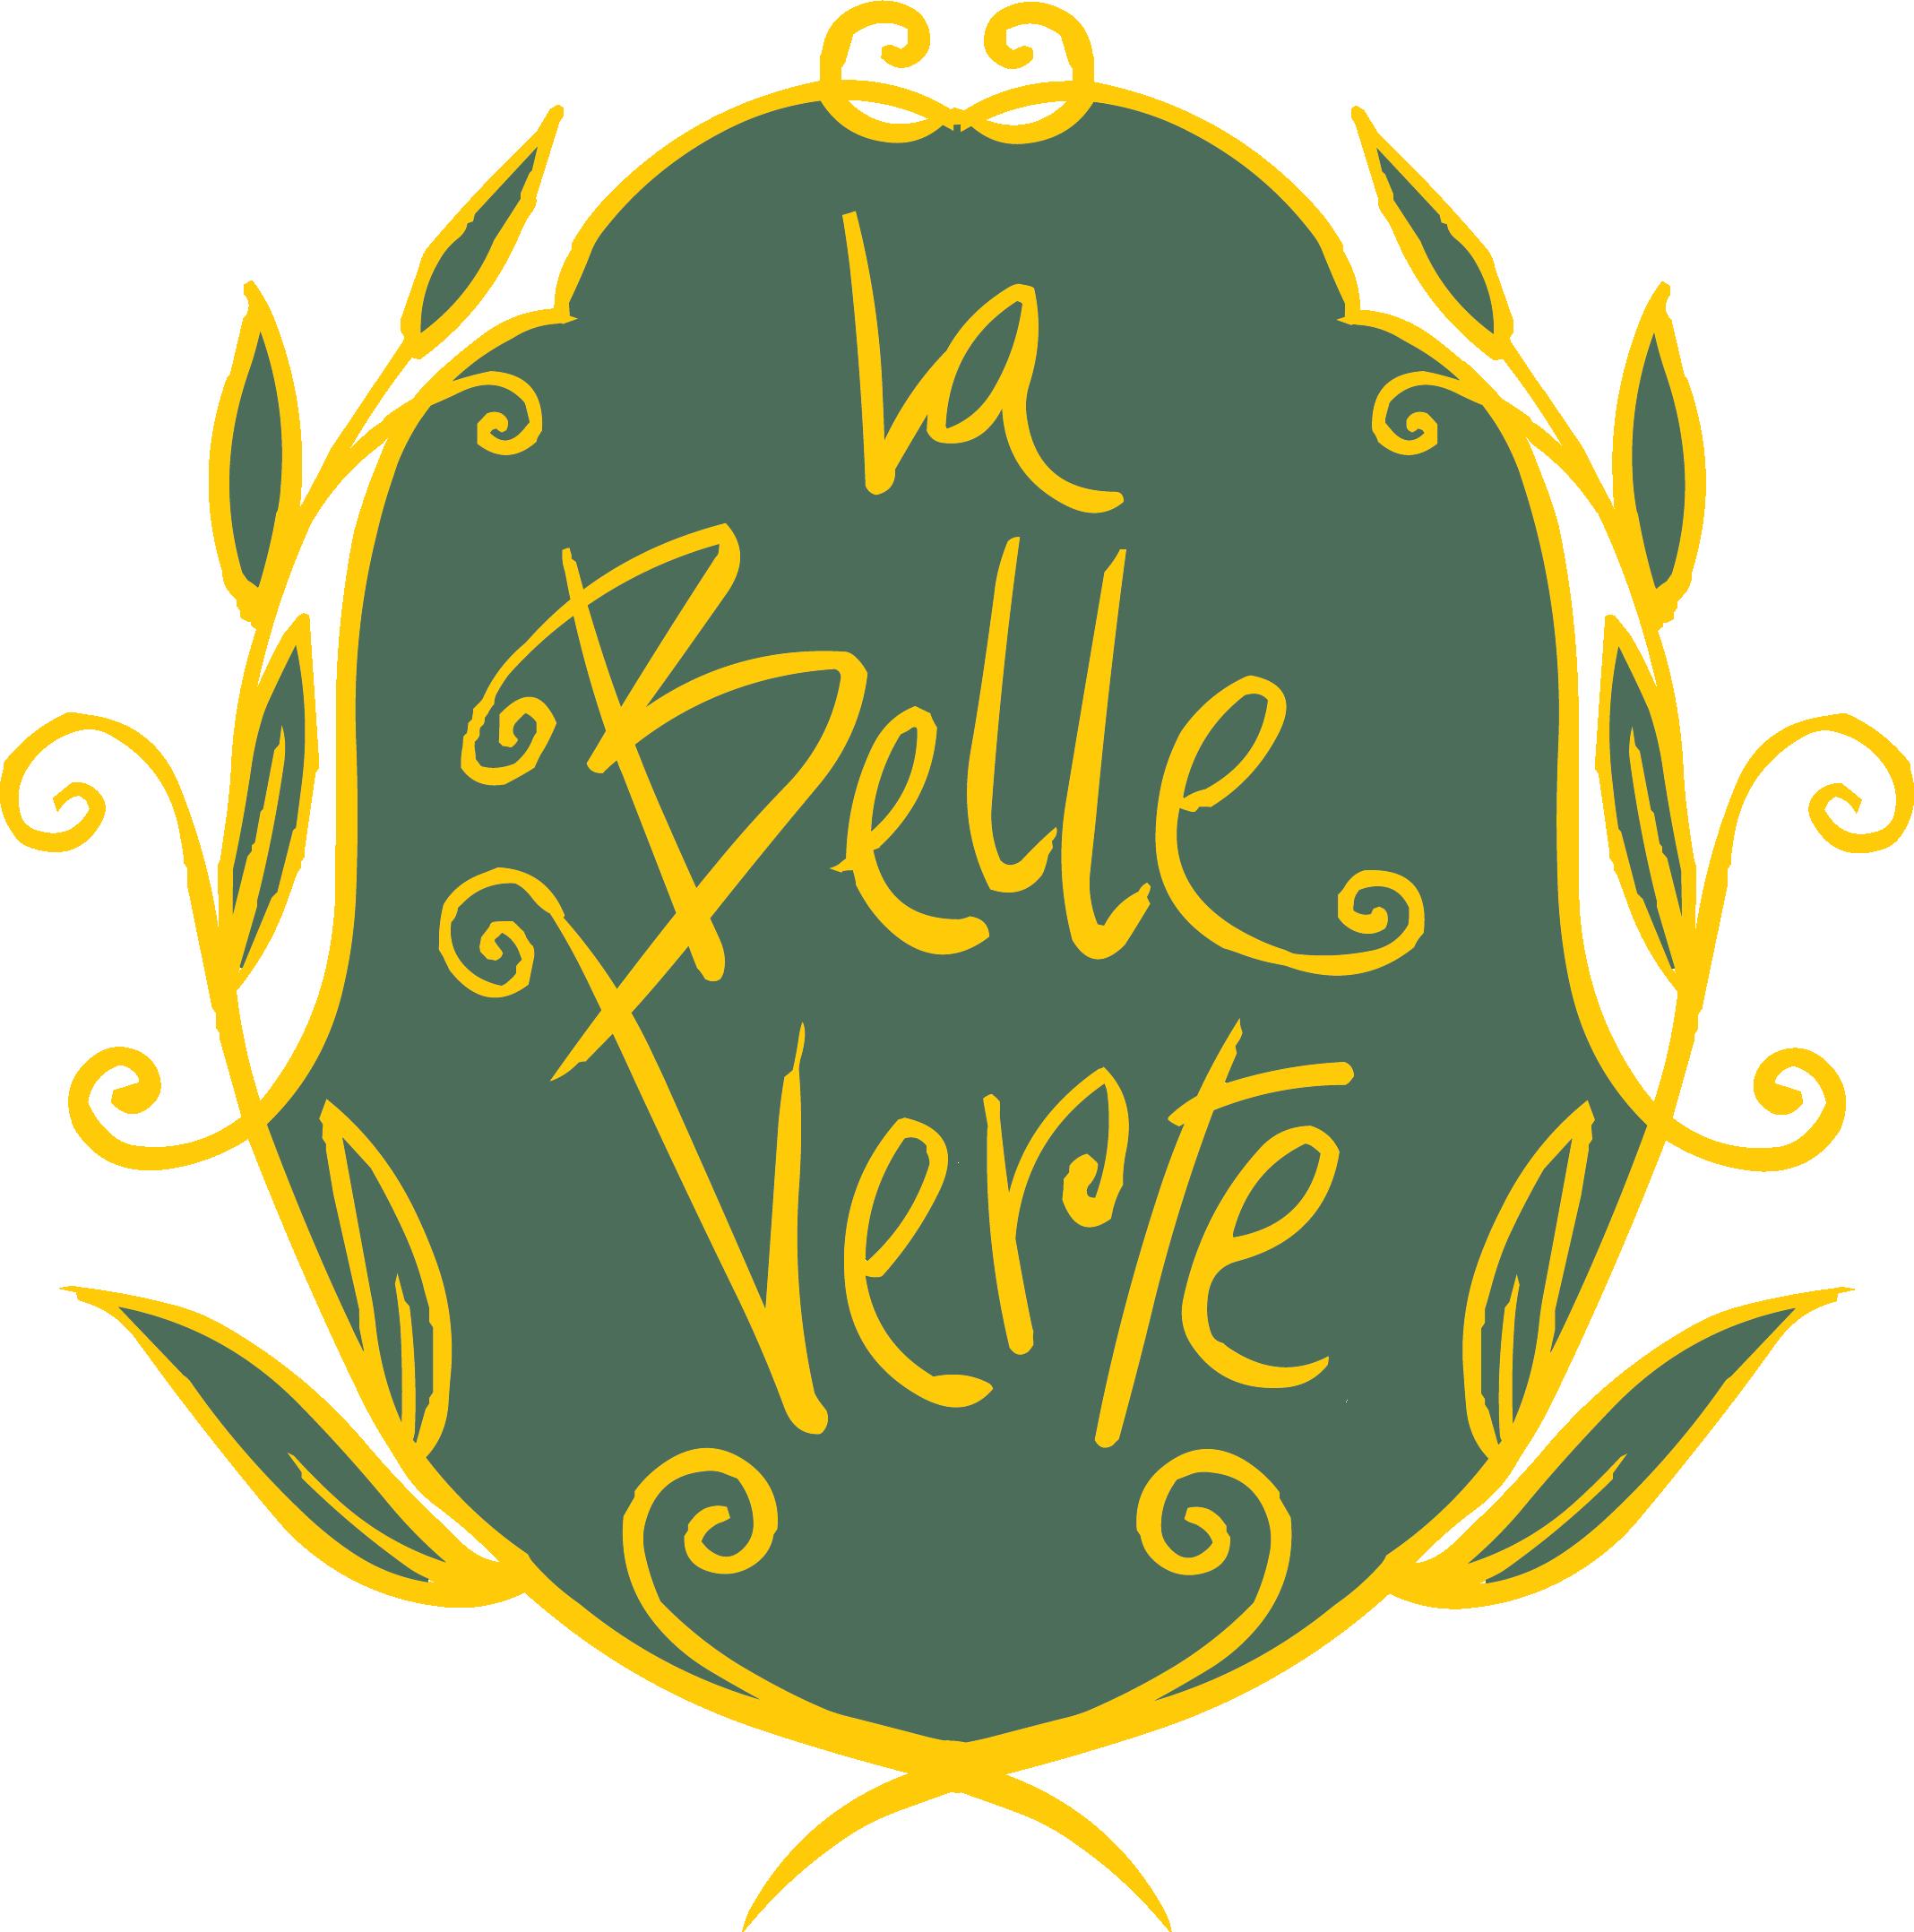 BelleVerteAdobIl logo [Converted]-01.png